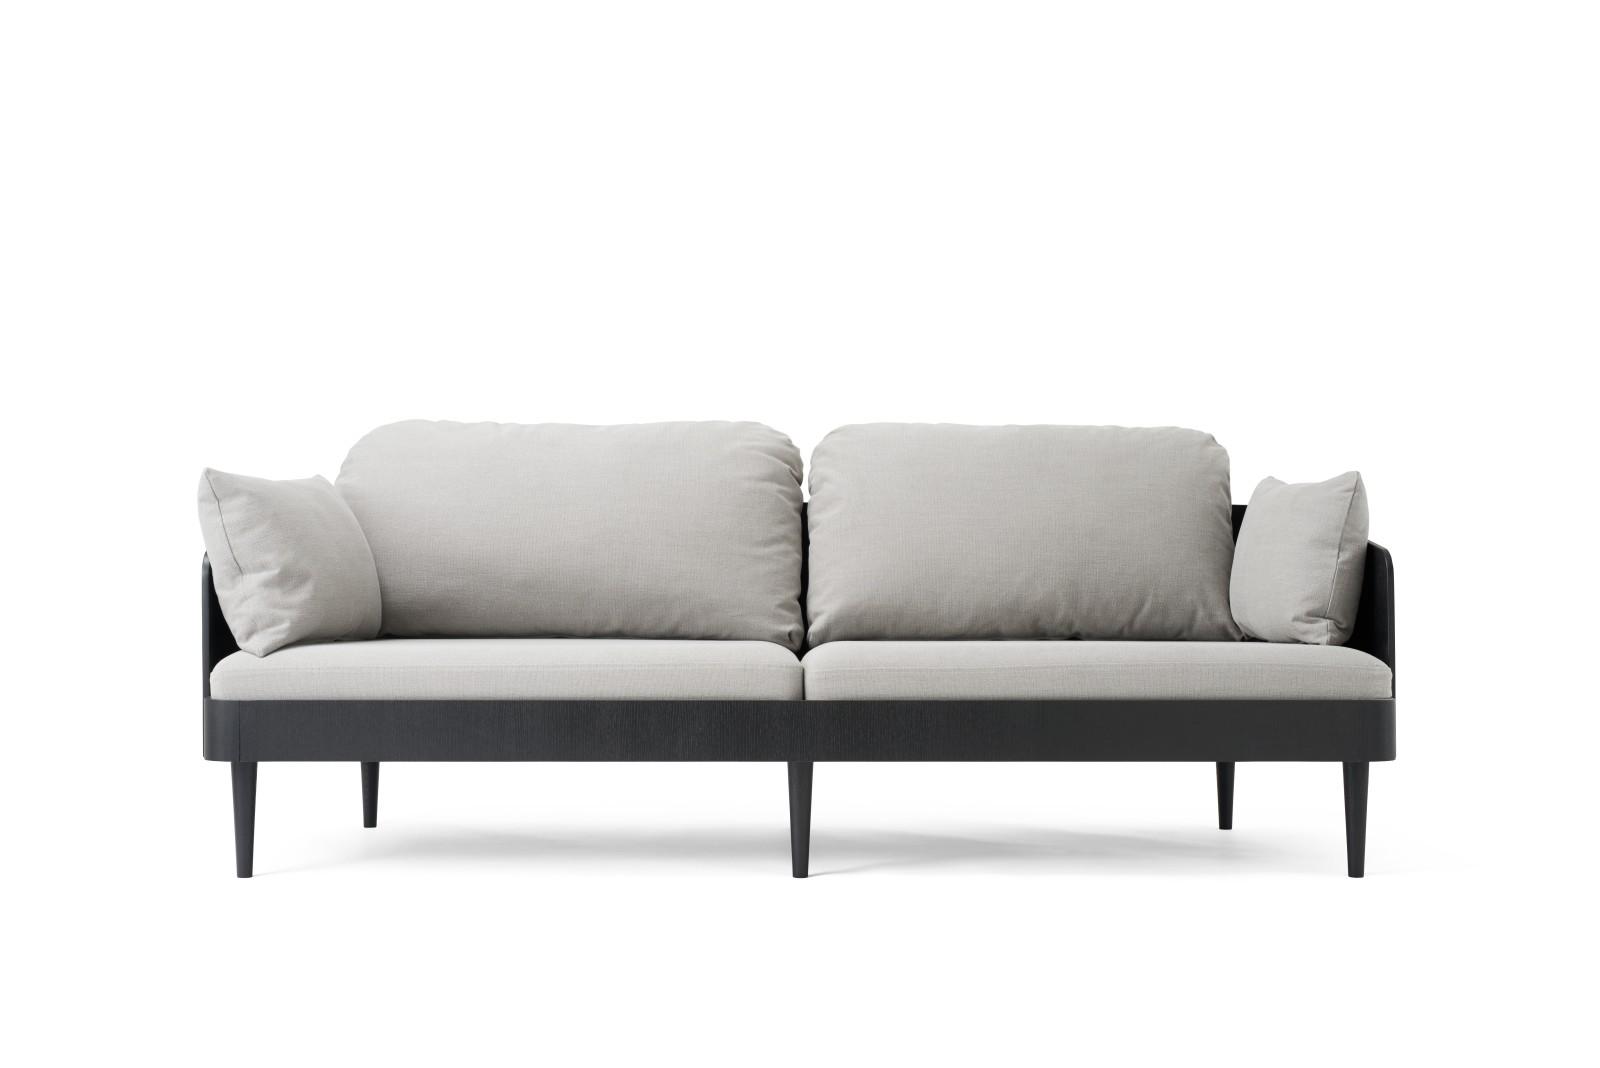 Septembre Sofa Black Ash/Light Grey